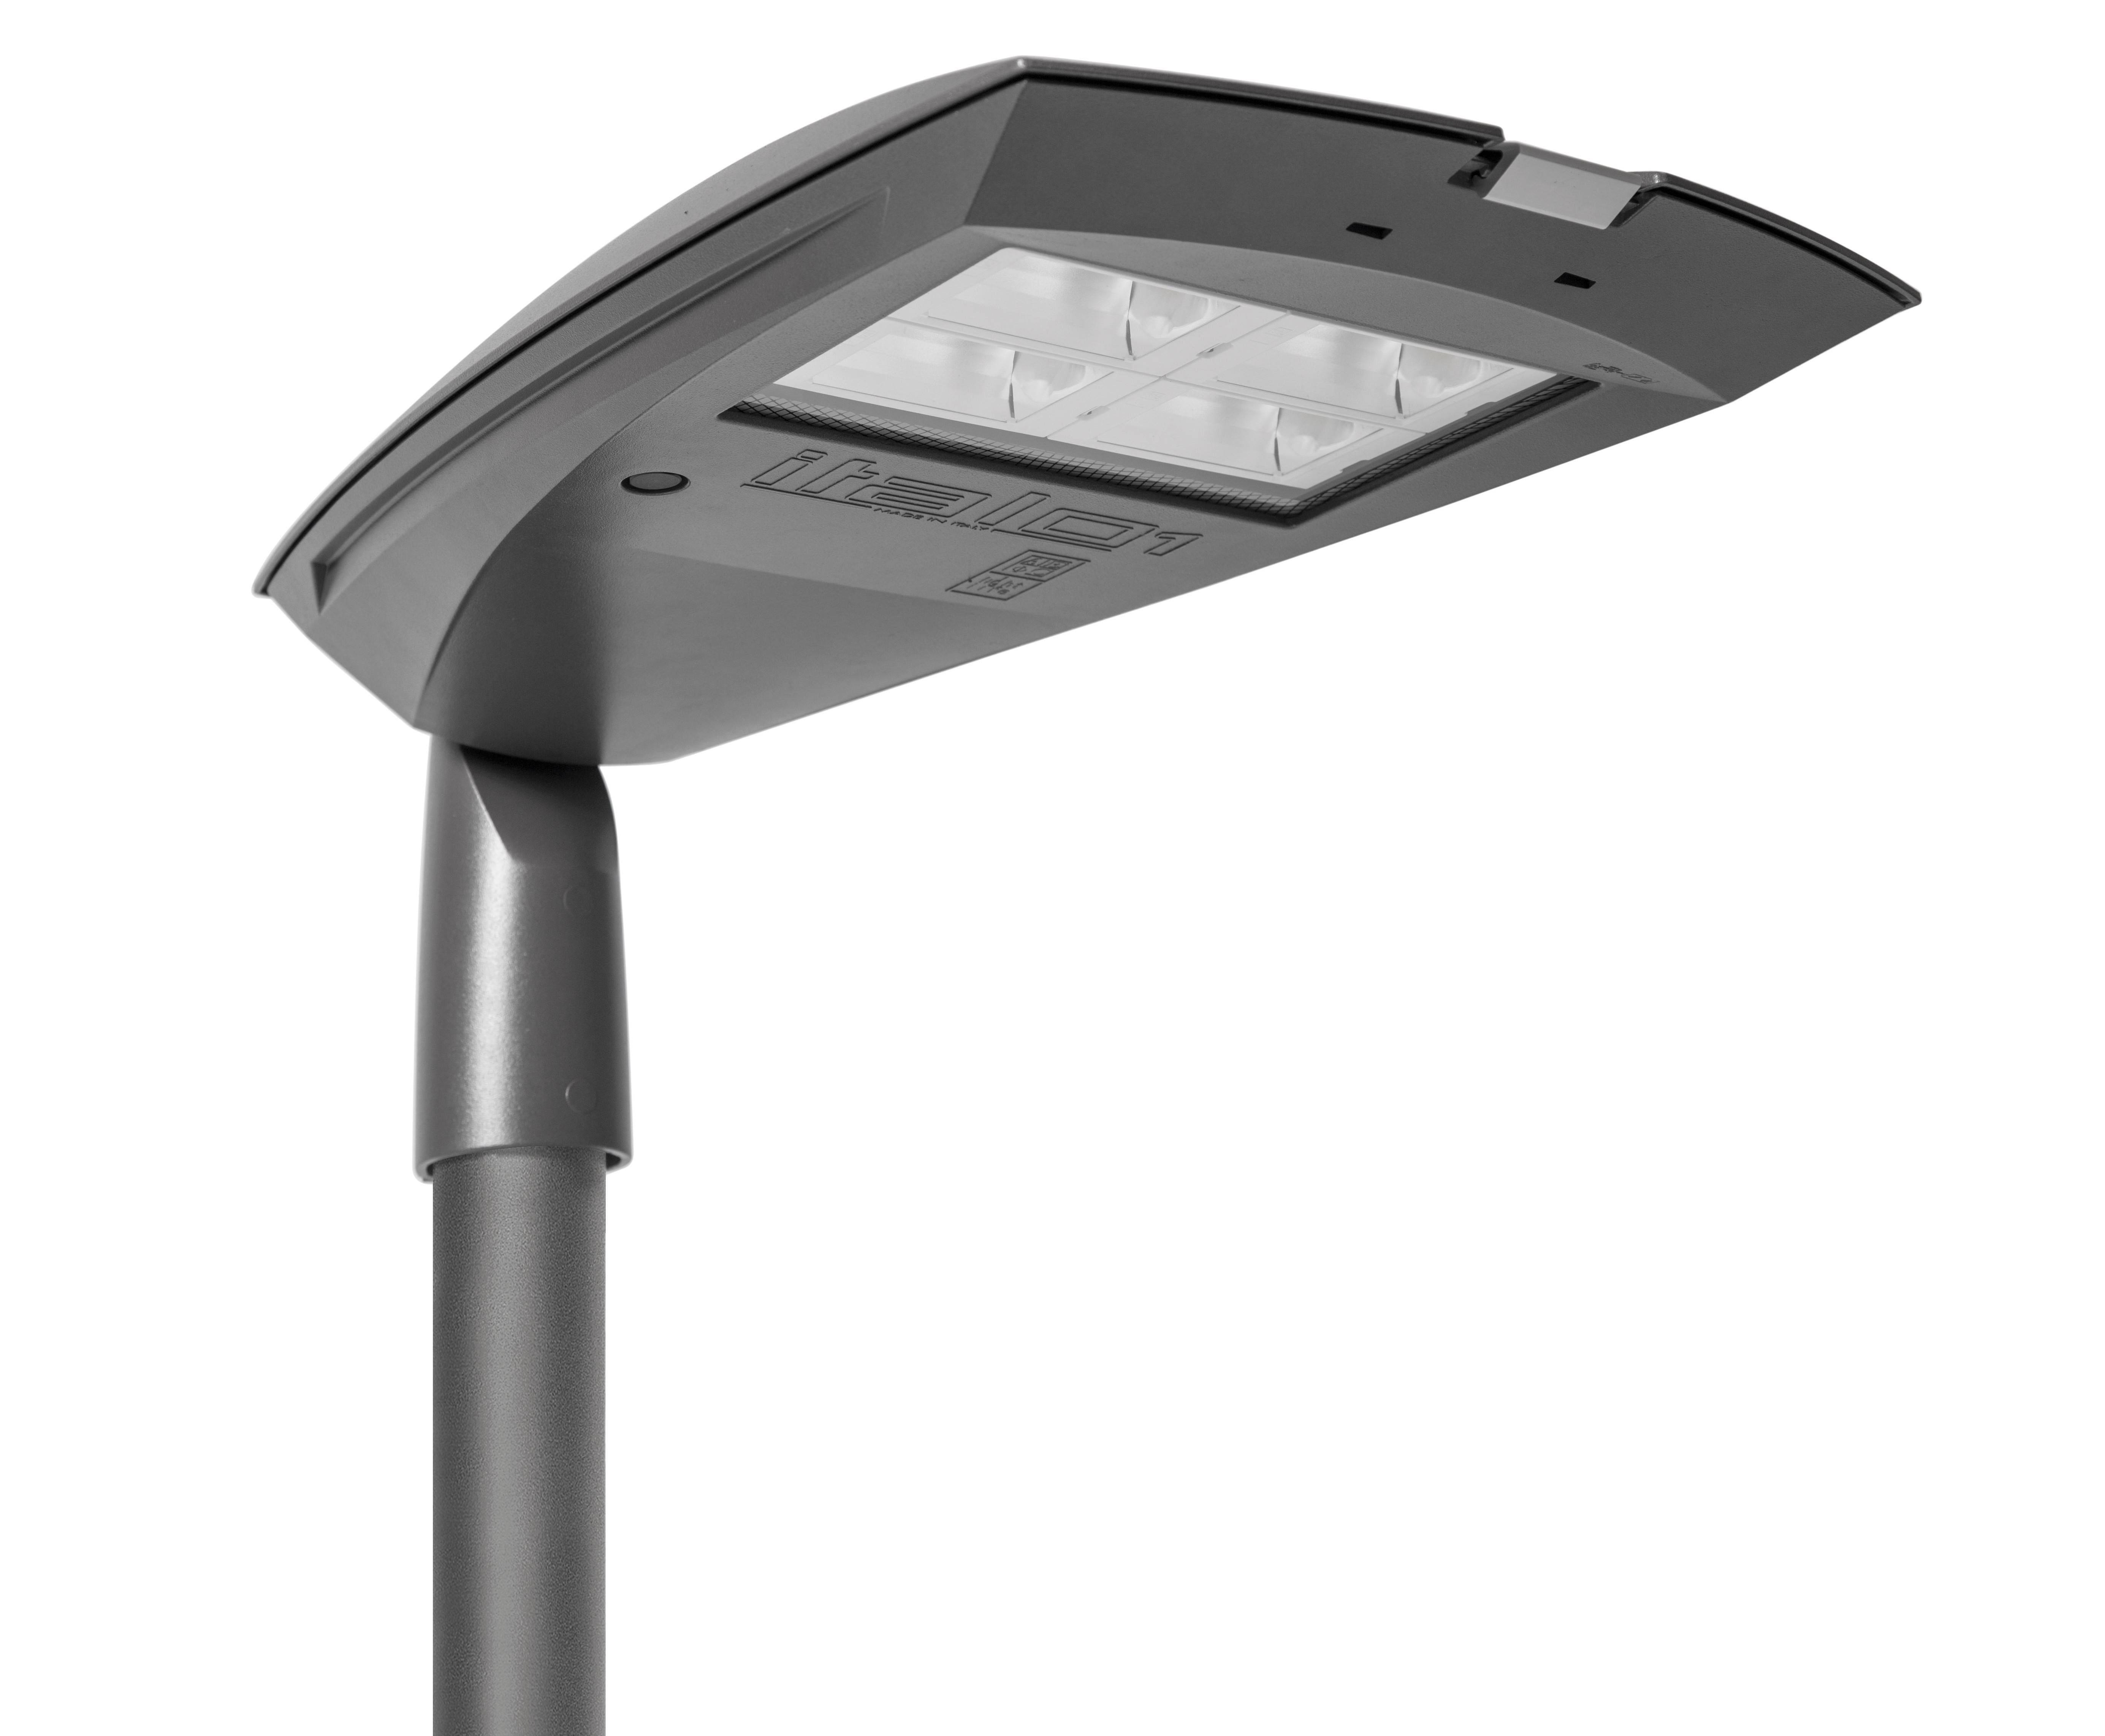 Soffitto Scuro Abbassa: Illuminazione moderna per esterni valastro lithing.